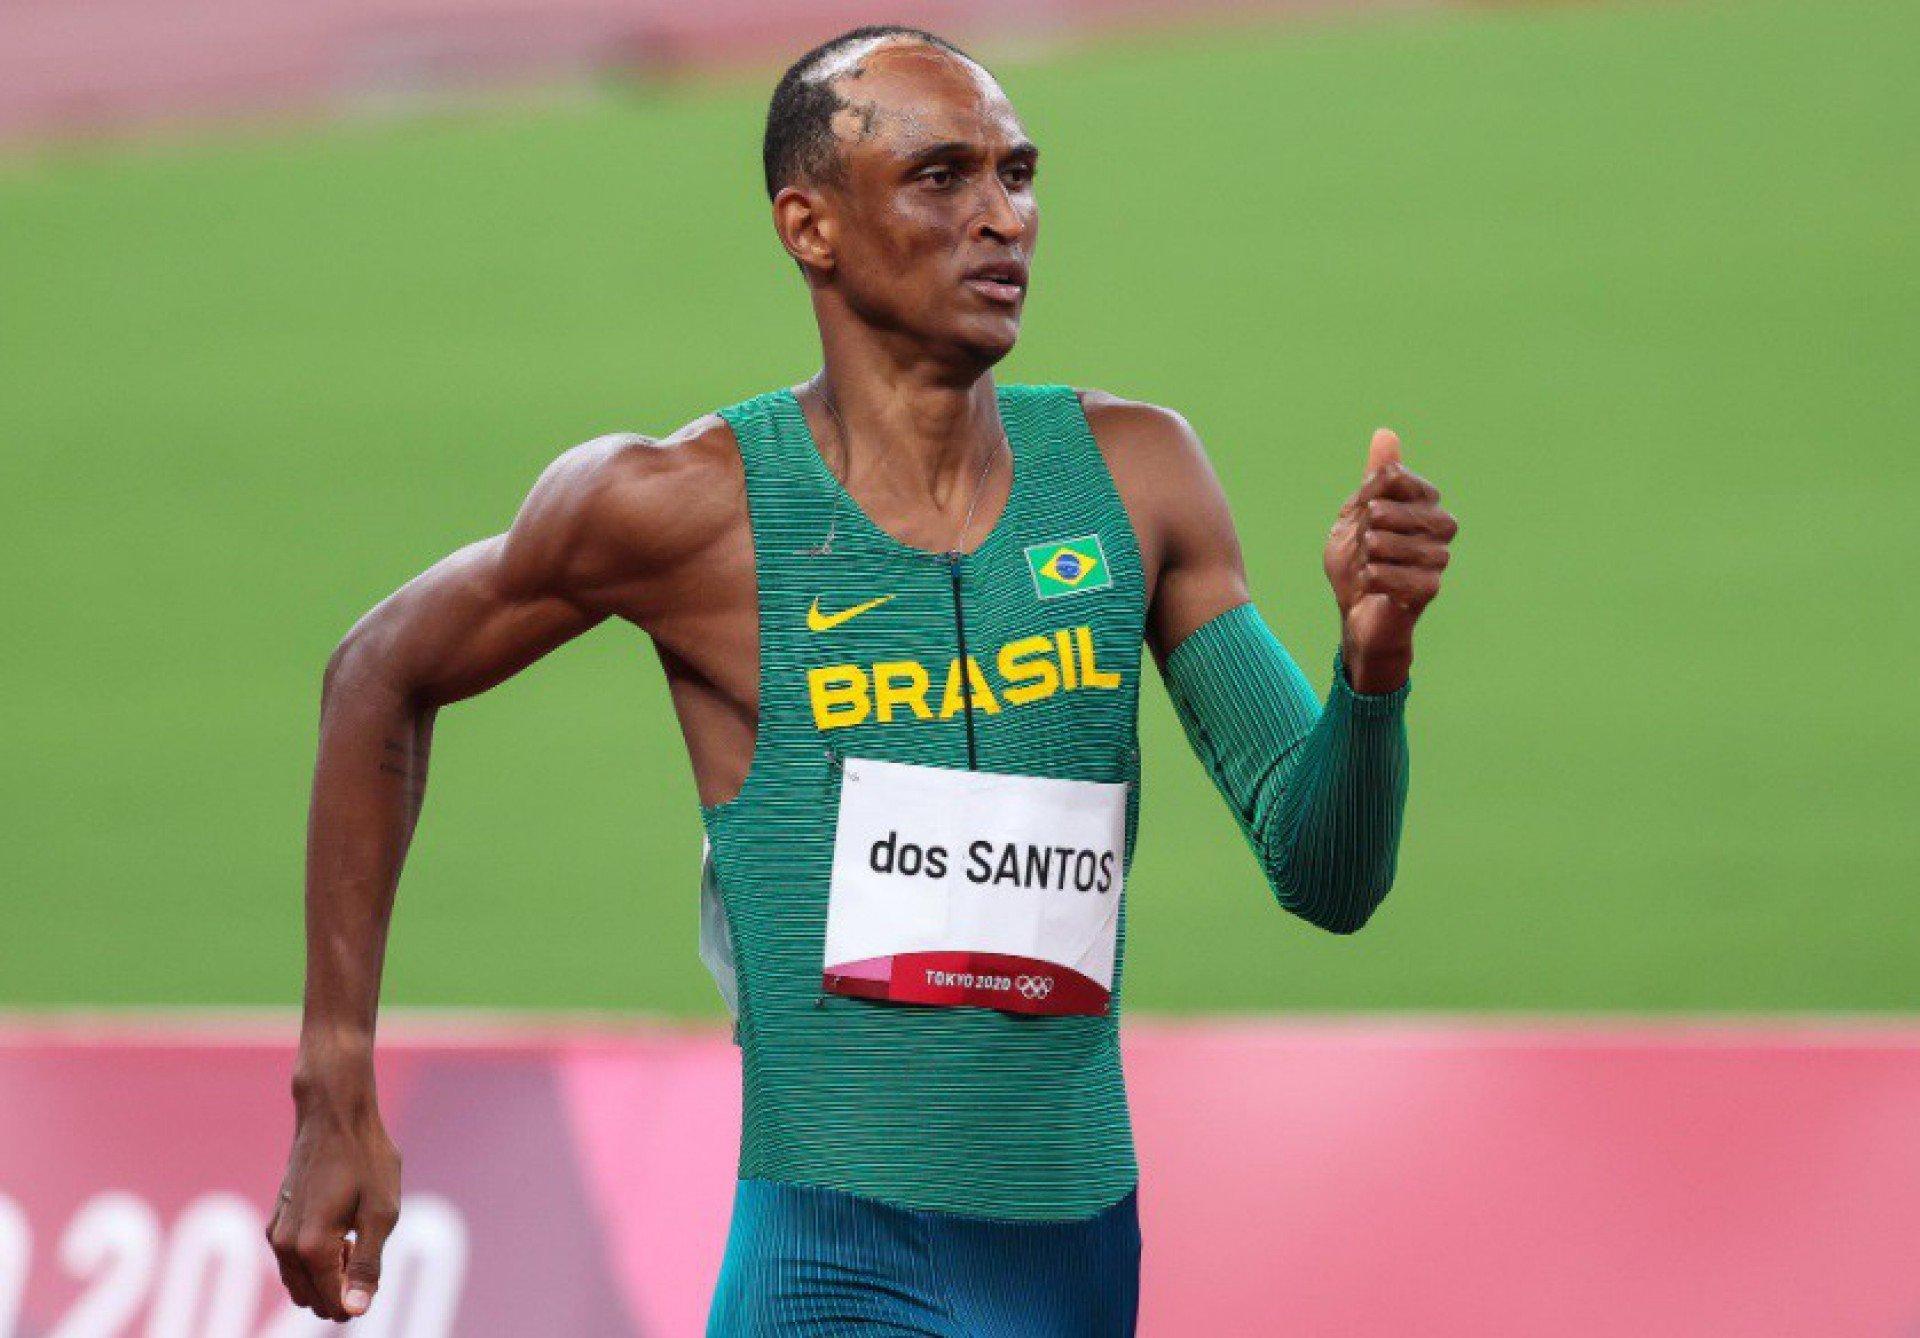 Após bronze na Olimpíada, Alison dos Santos vence etapa da Diamond League